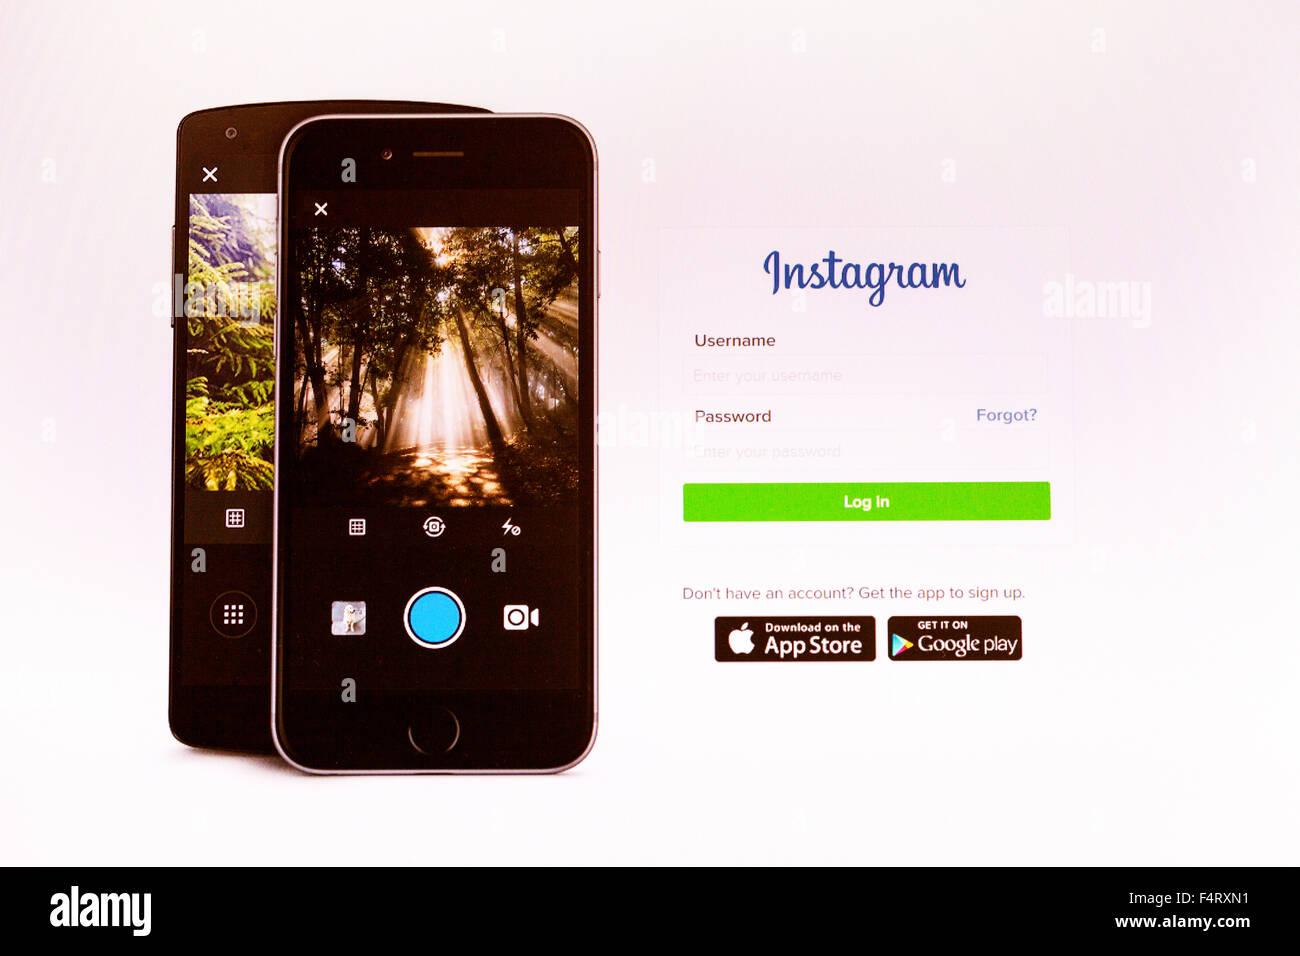 Instagram website homepage log in password security online